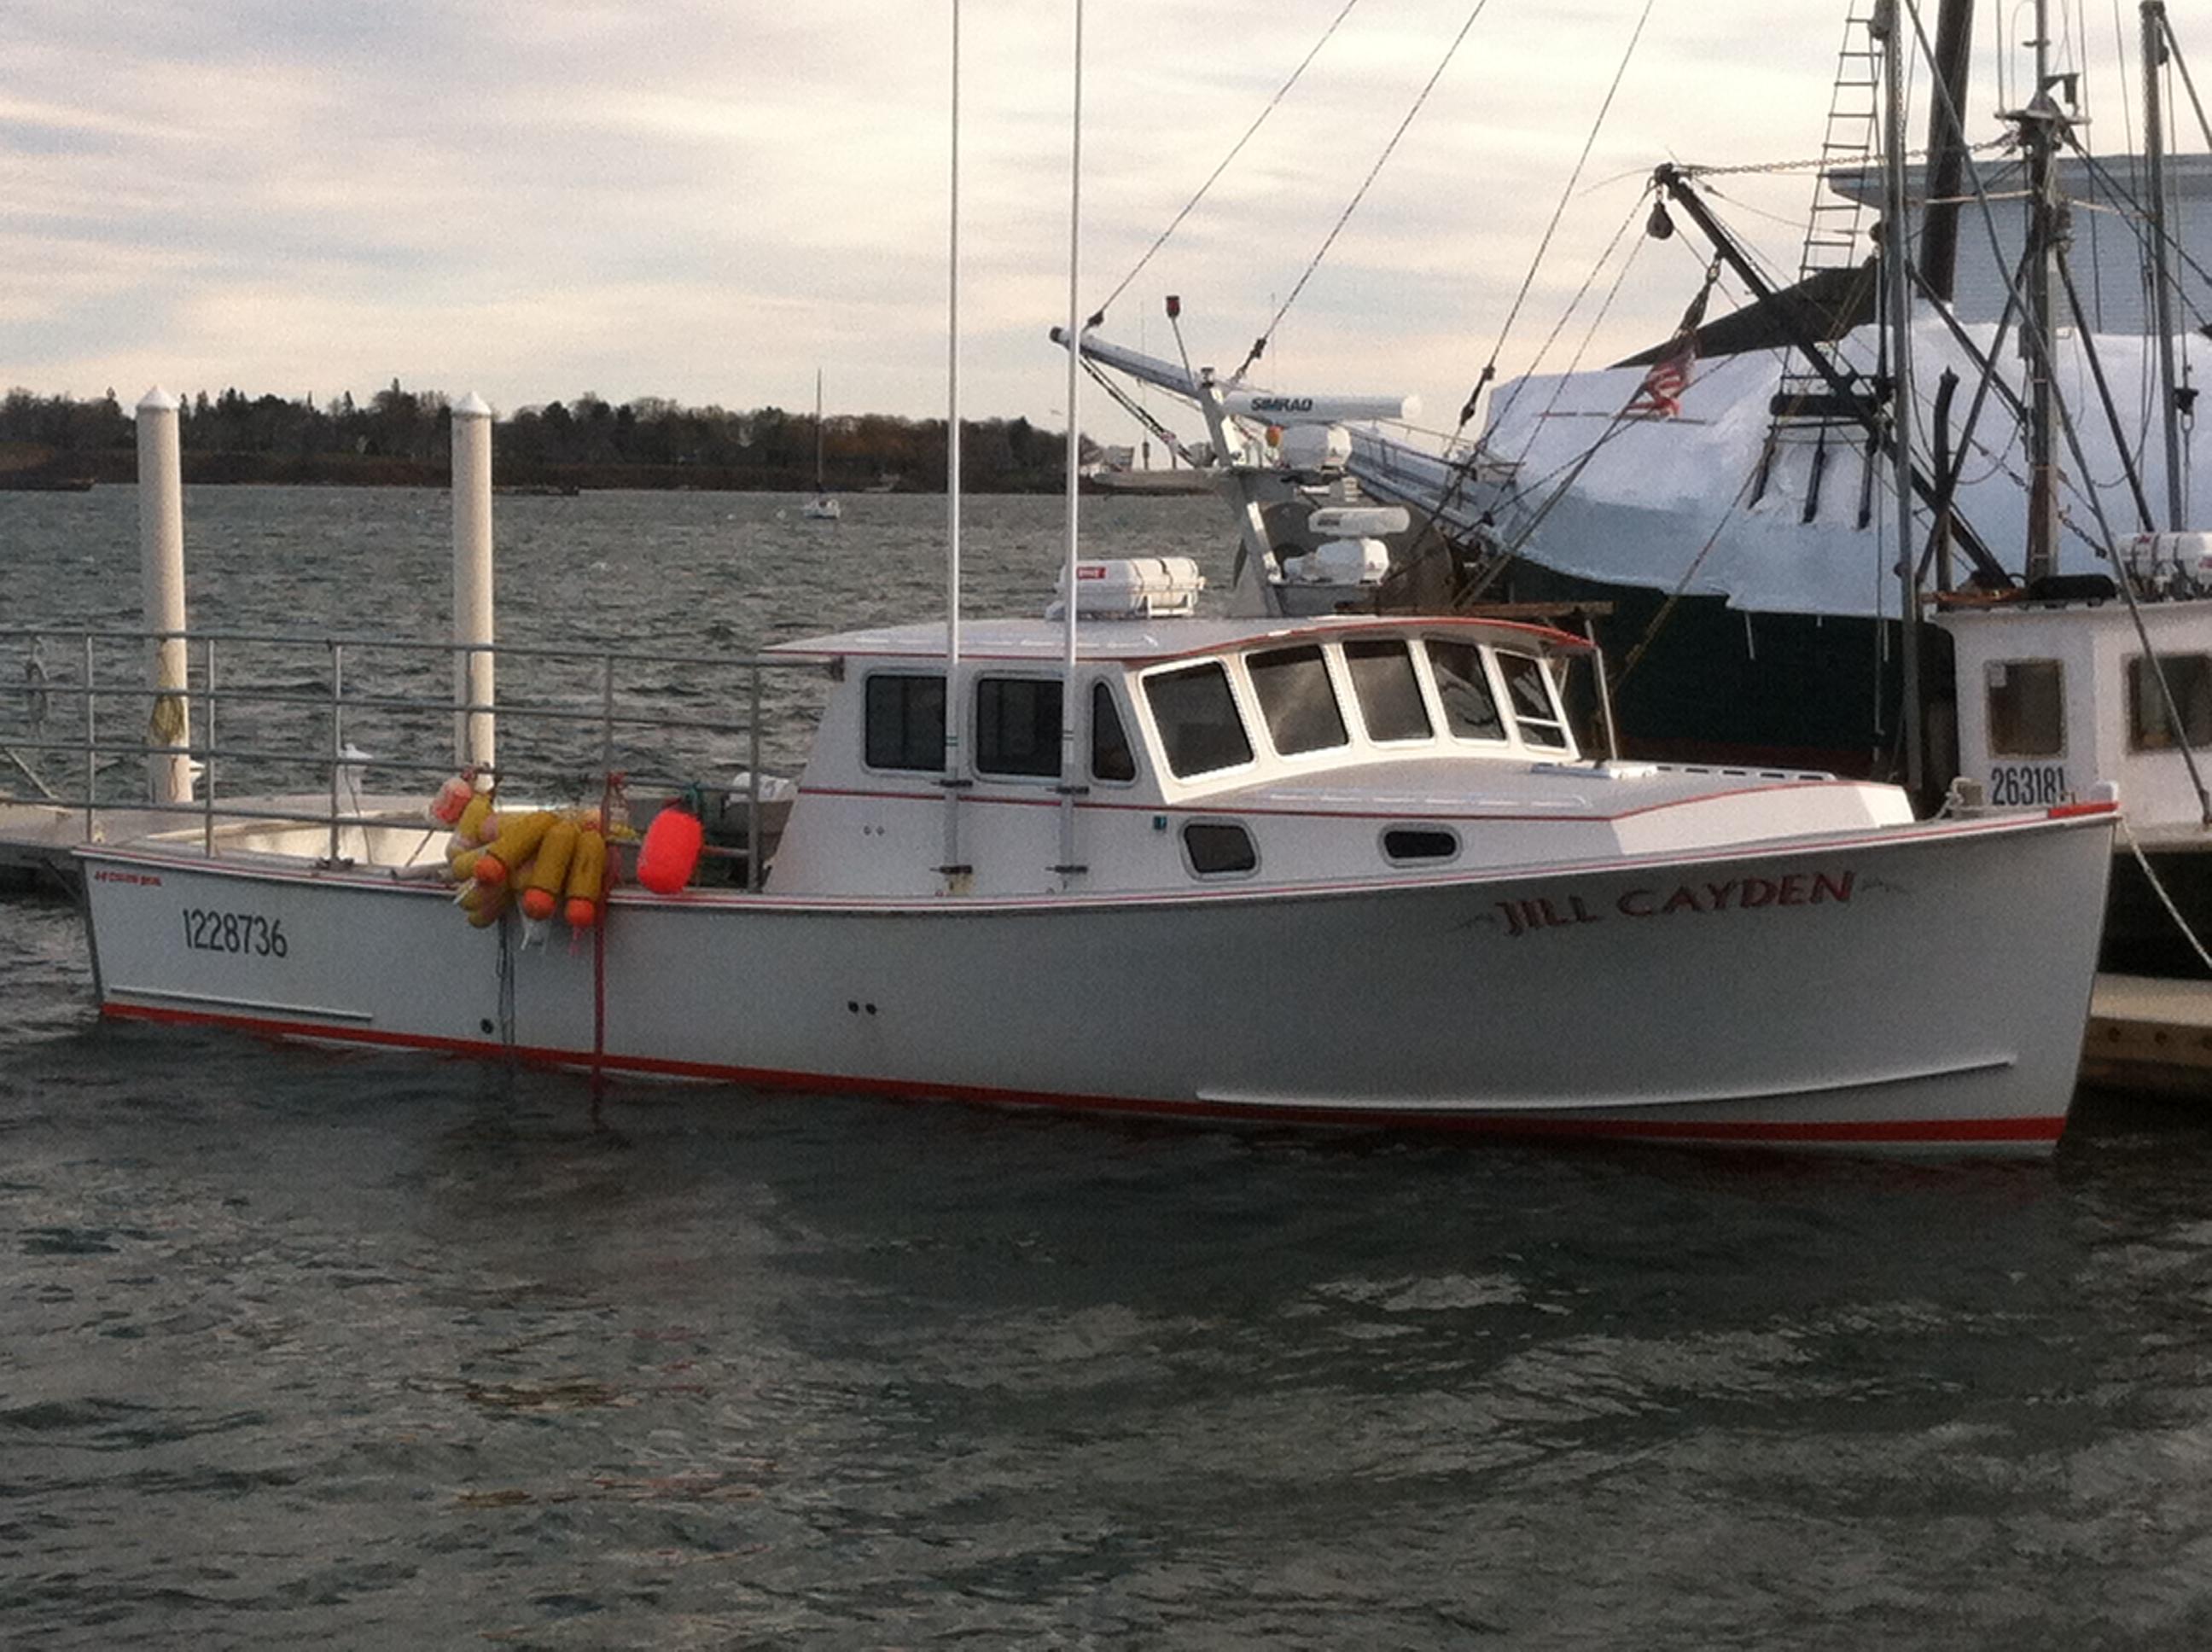 Maine Lobster boat | SaltLife.me